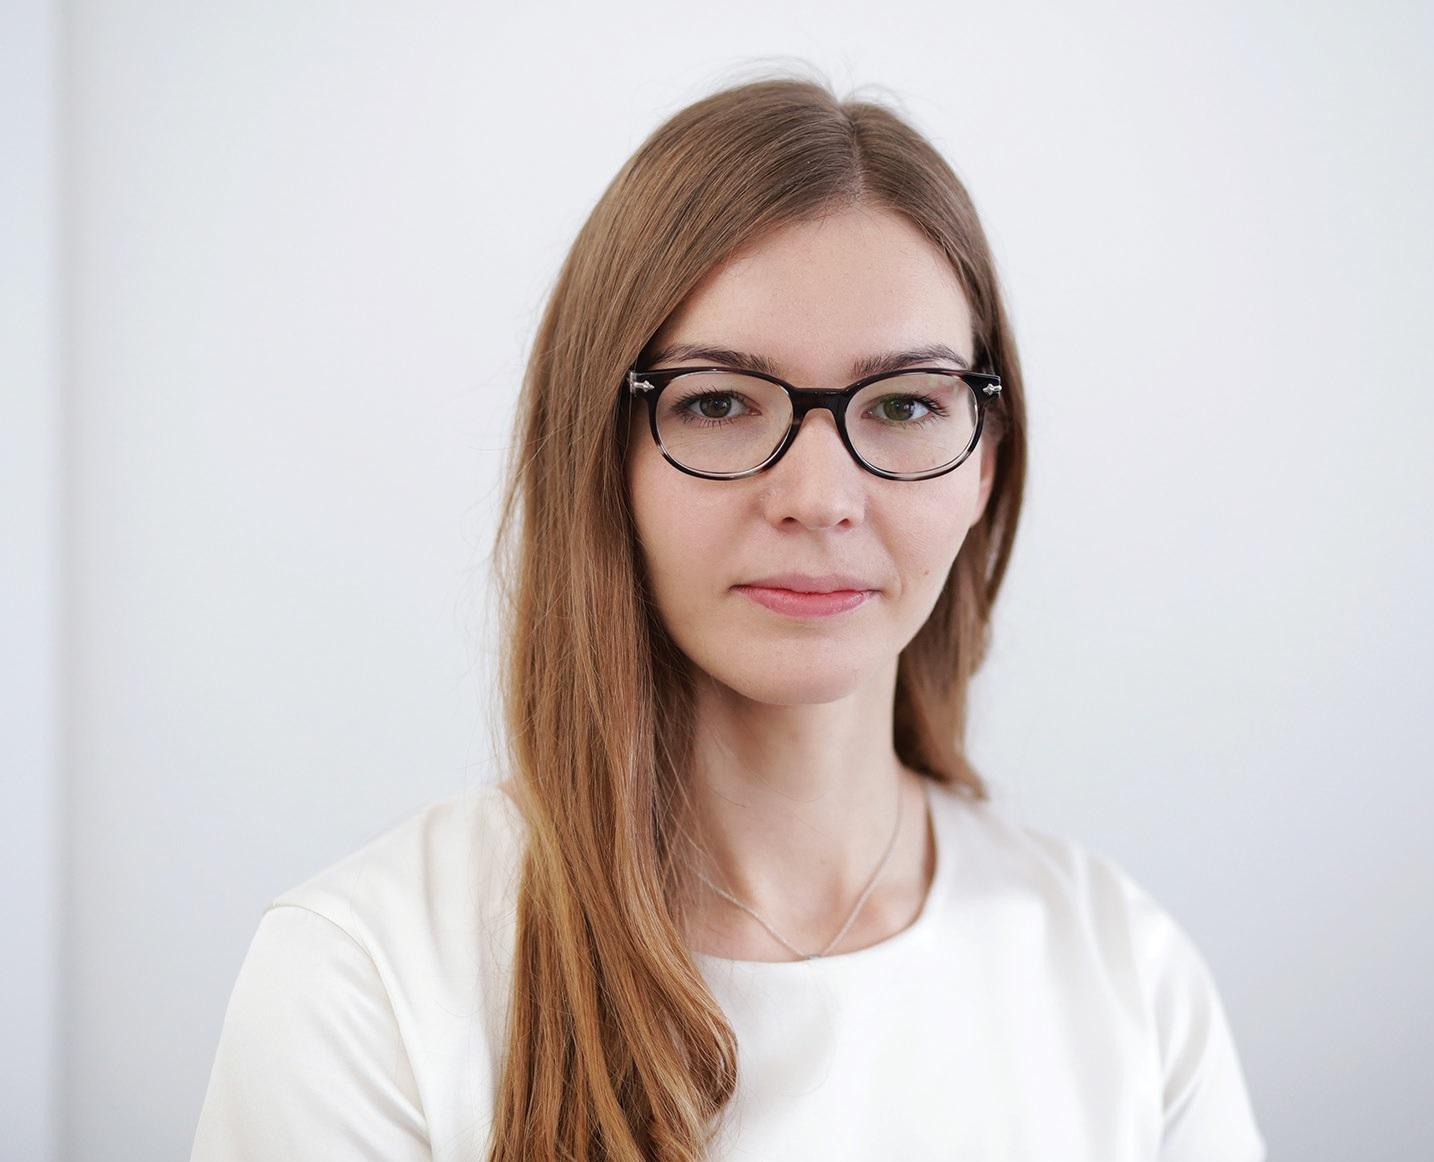 """Bendrovės """"Lifosa"""" viešųjų ryšių specialistė Indrė Mažeikienė stengiasi, kad per Šeimos dieną darbuotojų vaikams netrūktų įspūdžių, todėl parengė išties įspūdingą renginio programą."""